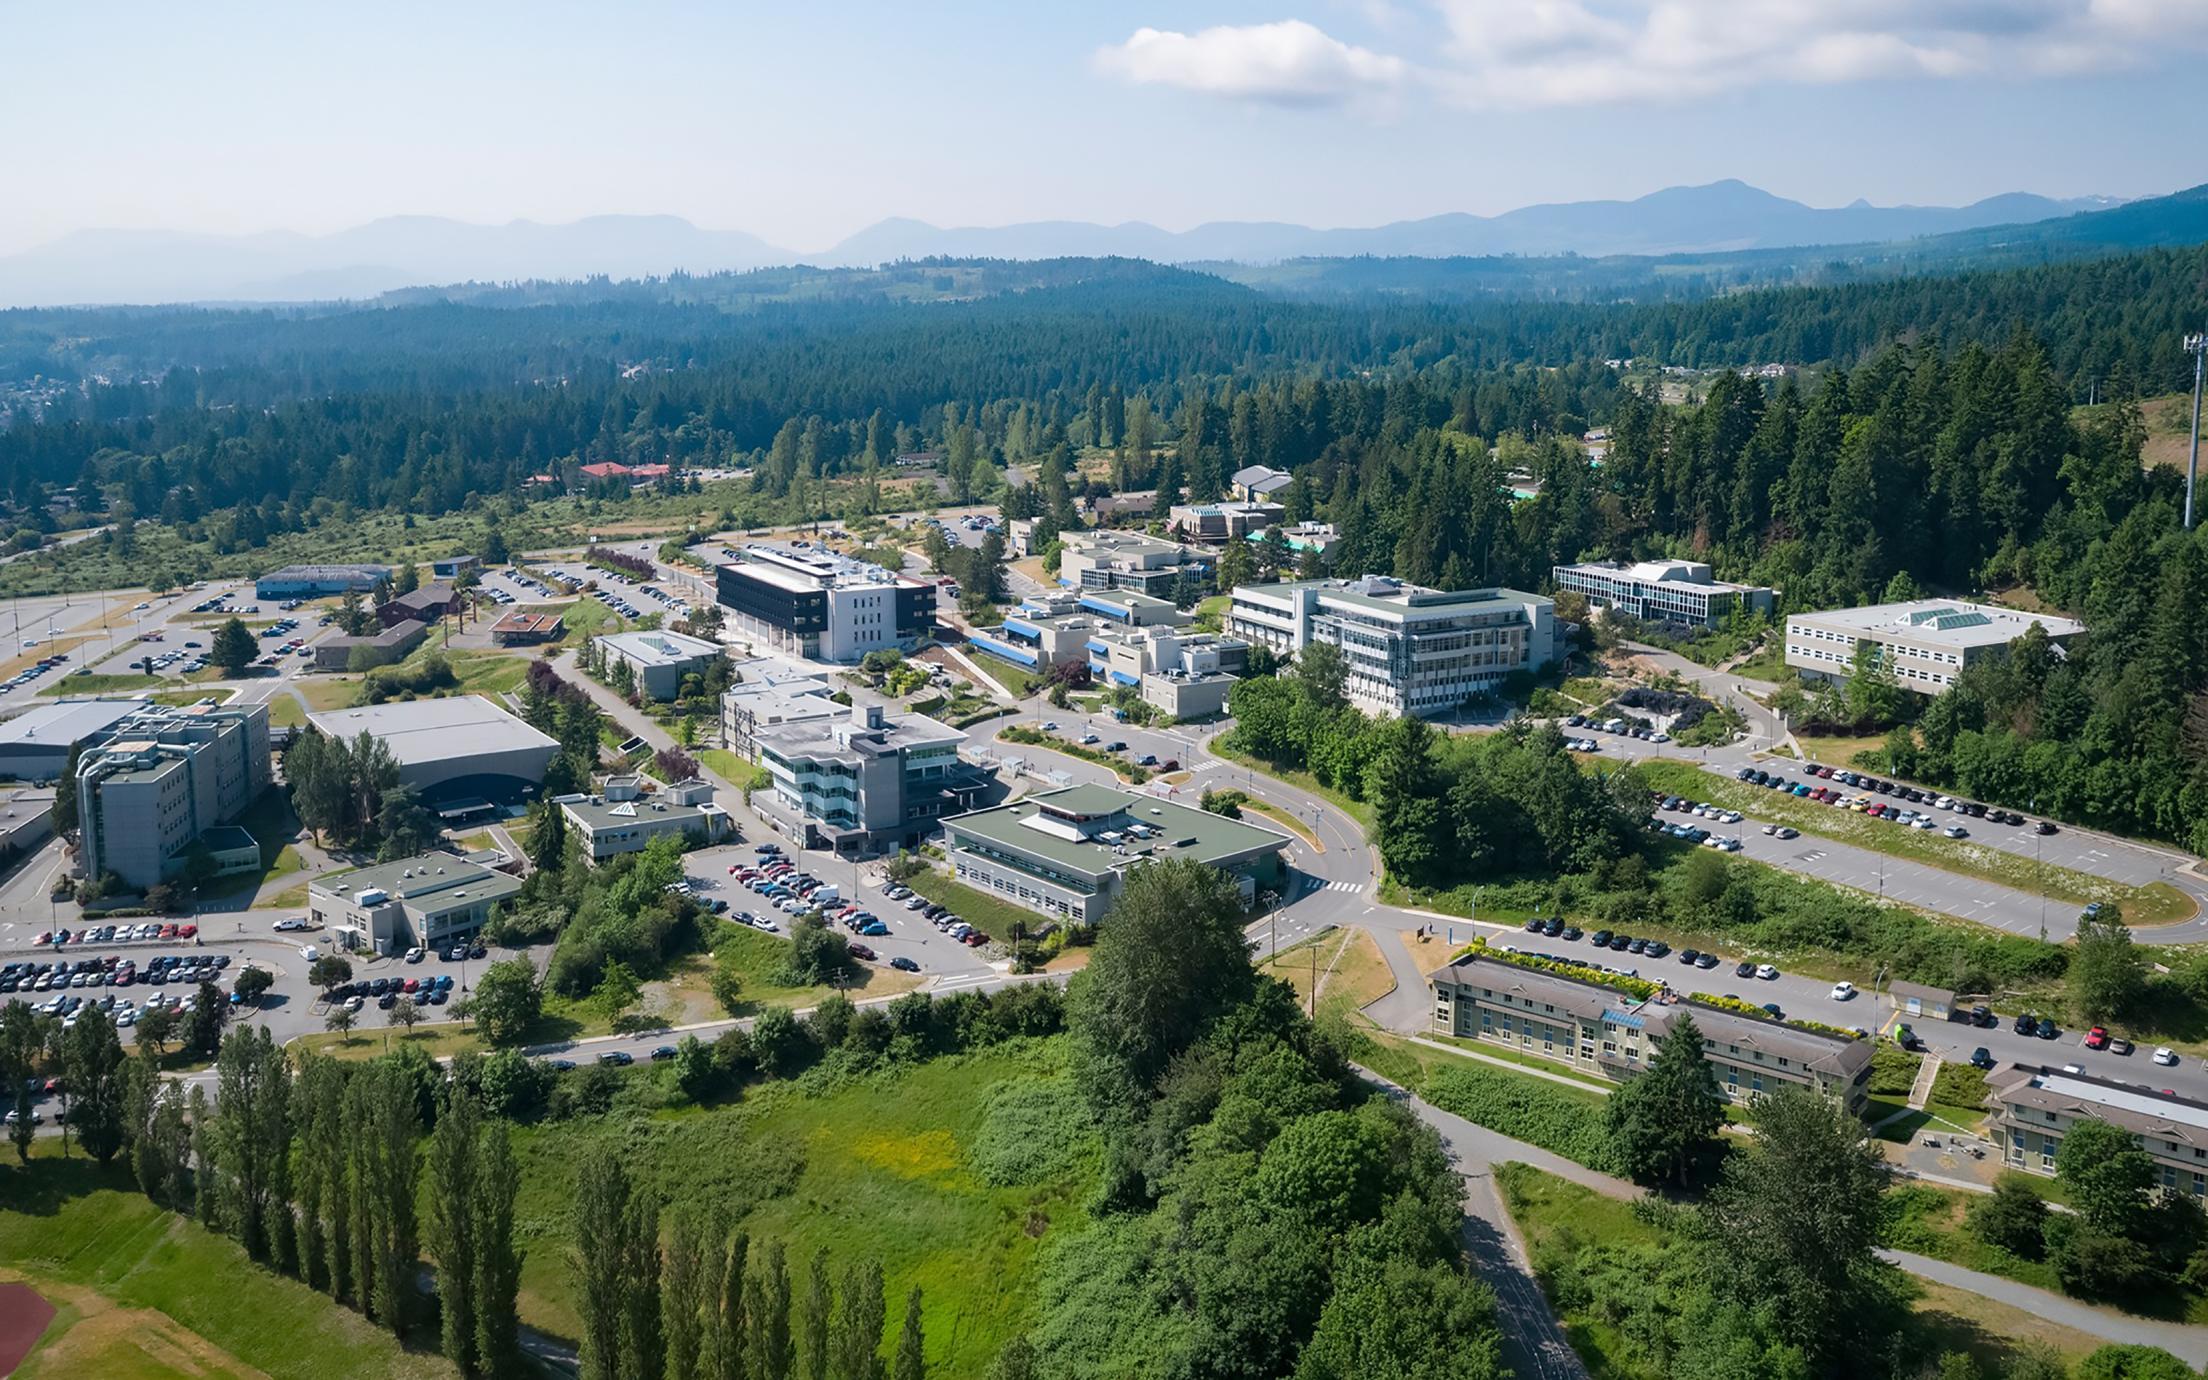 Image of VIU campus